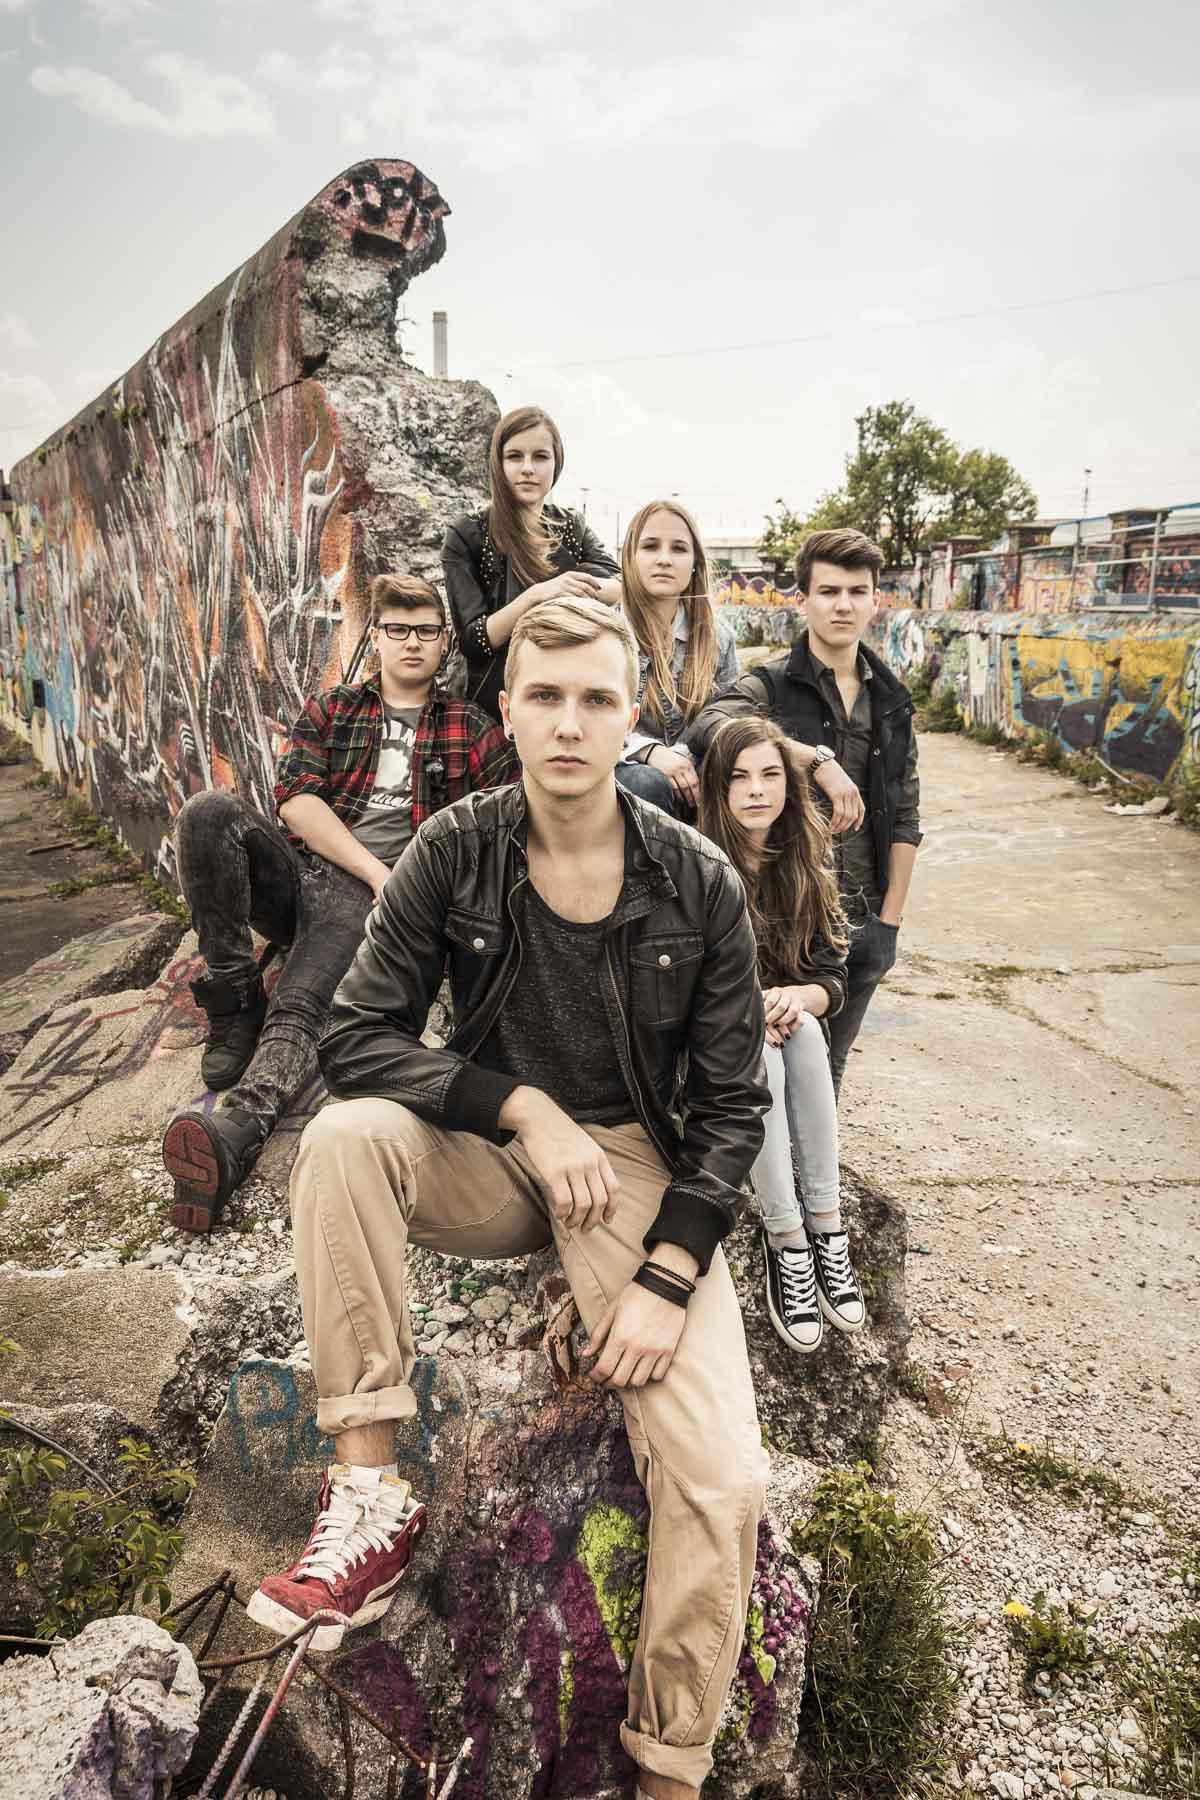 Gruppe Teenager sitzen sehr selbstbewusst zusammen. Lifestyle - Derek Henthorn - Fotograf München